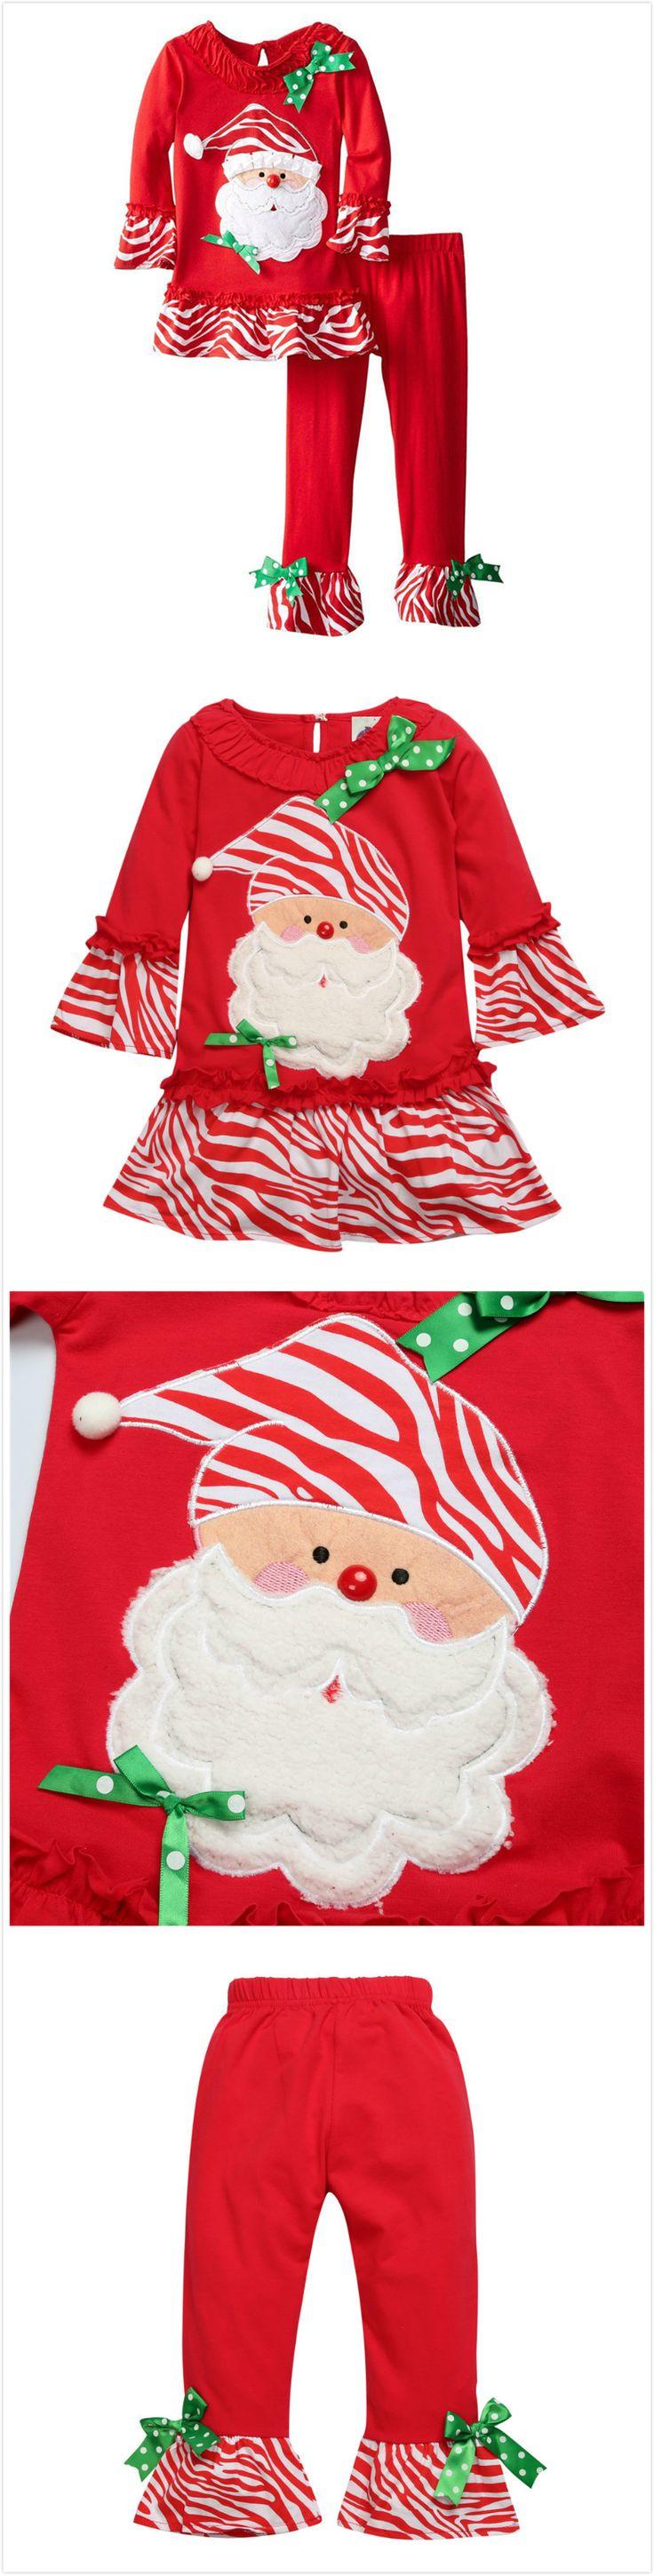 2-Pieces Baby Toddler's Girl Christmas Santa Dress & Pant Set